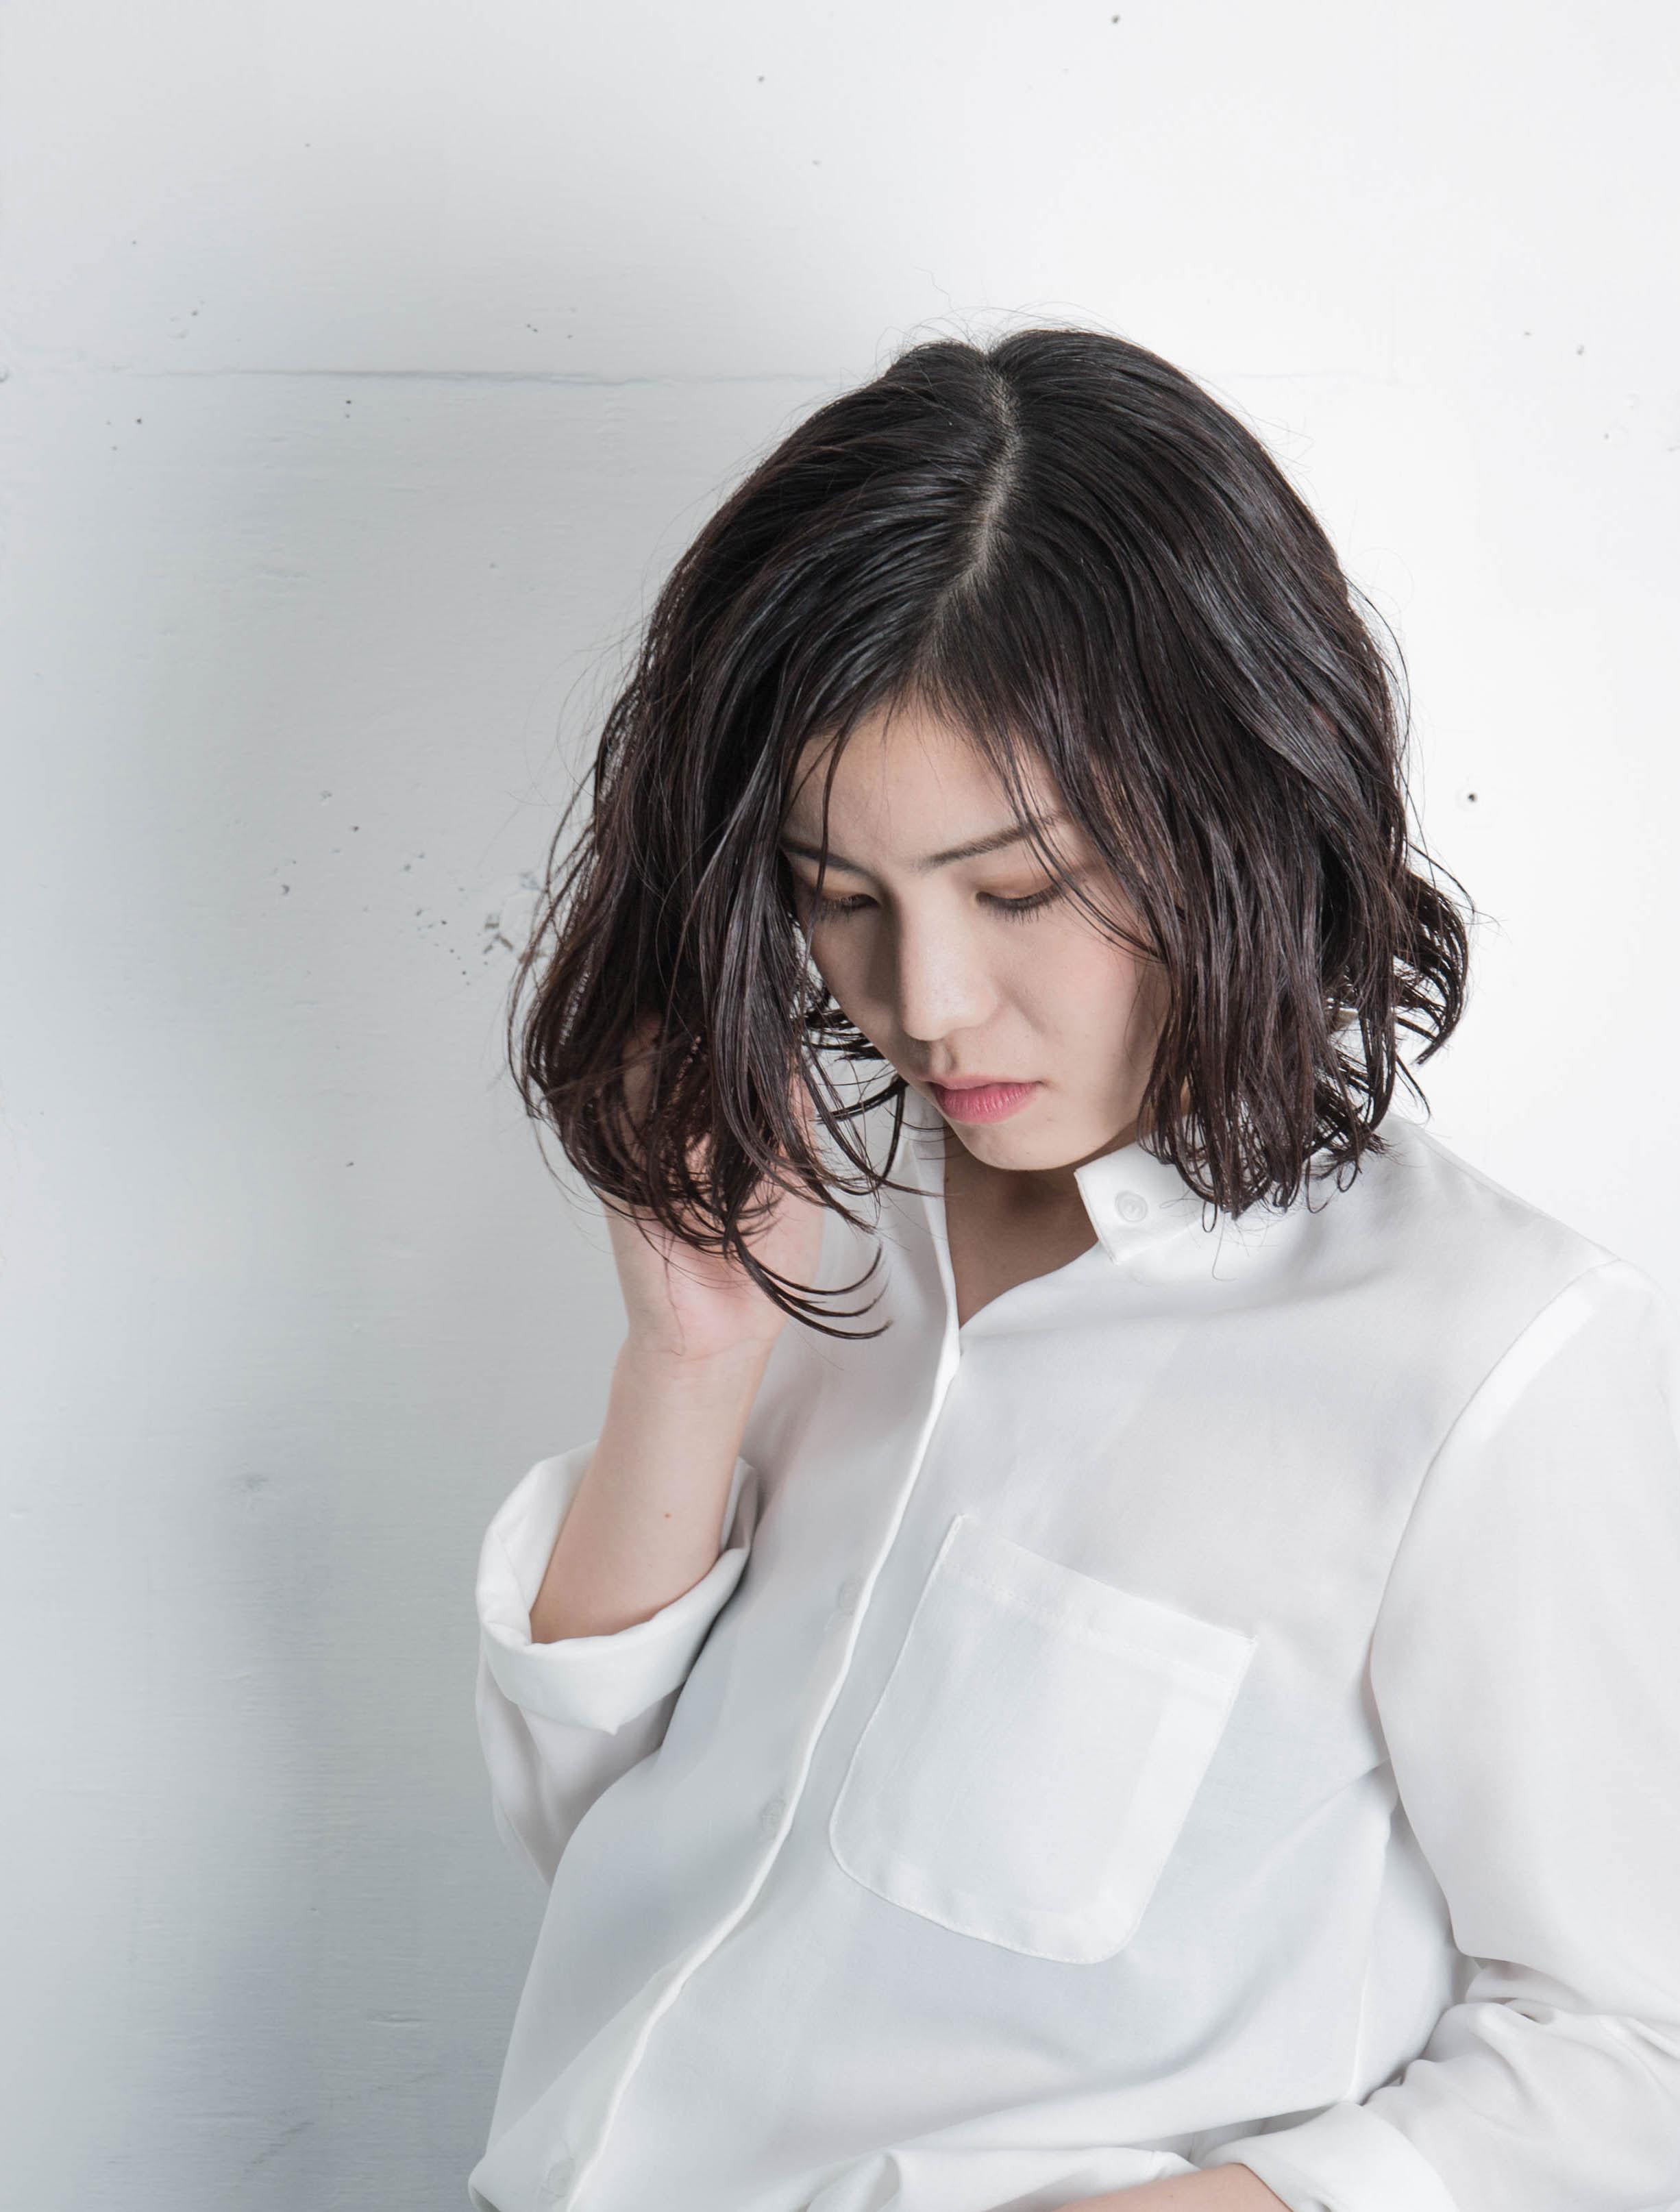 Eisuke Shimizu